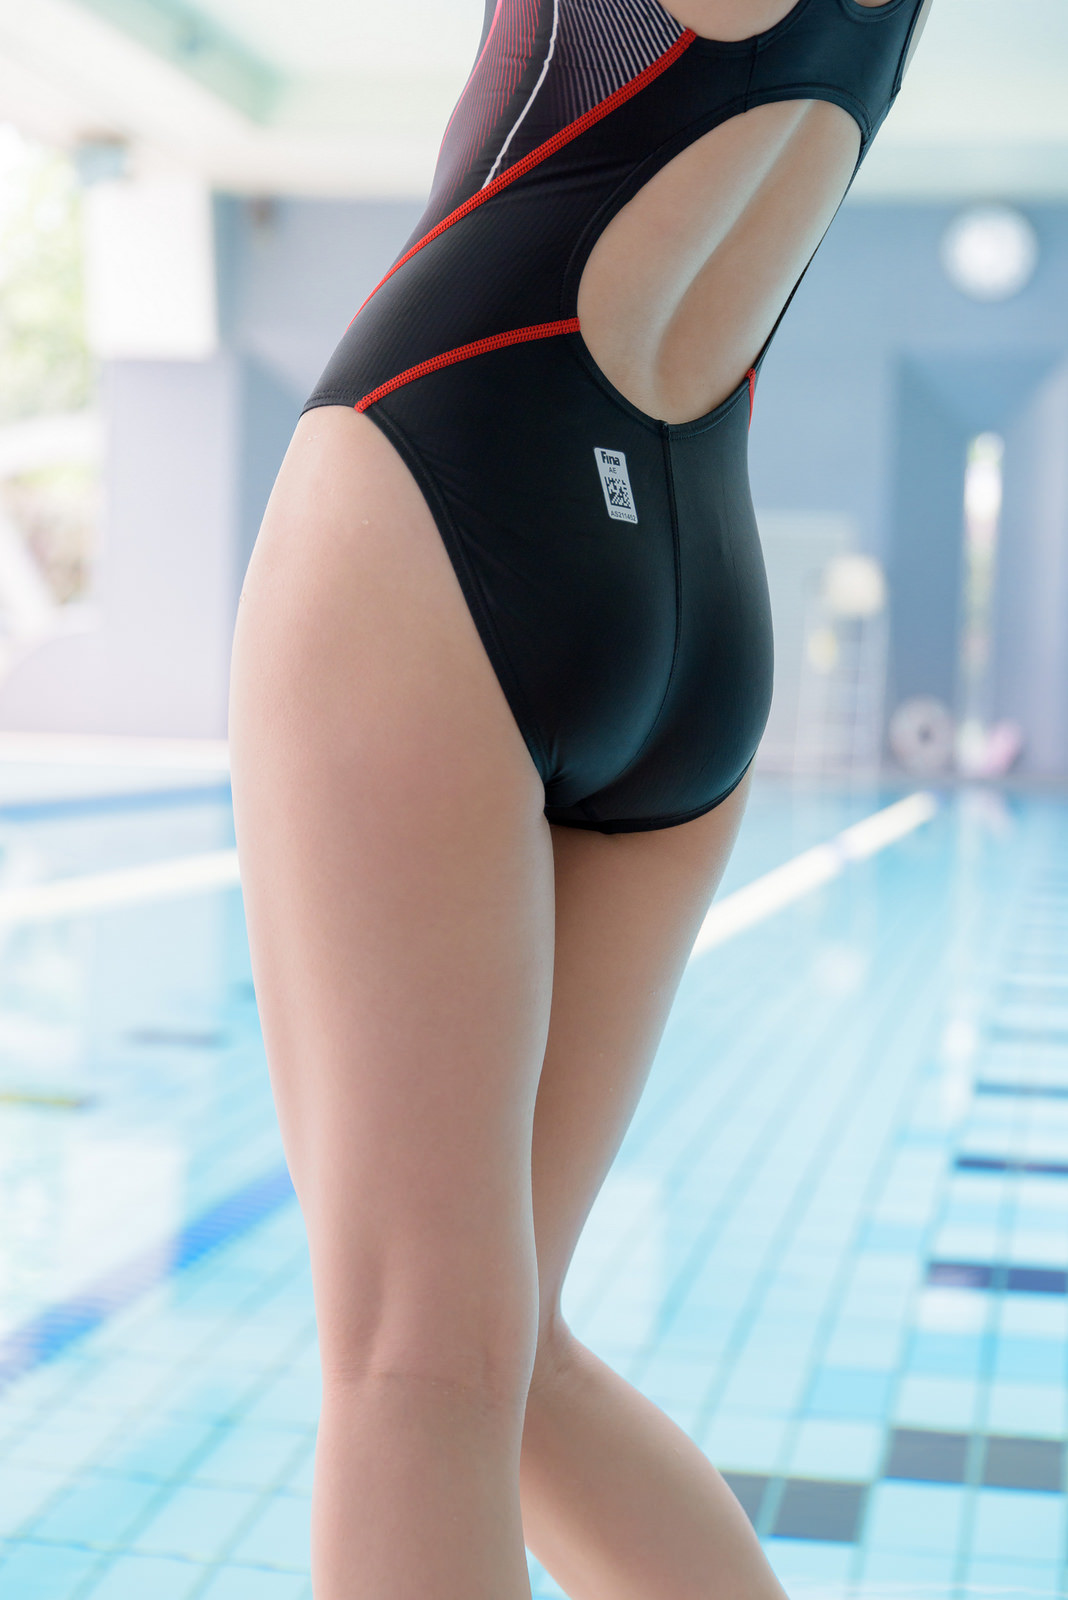 【競泳水着エロ画像】窮屈そうなのが欲望を煽り立てる競泳水着尻!(;・∀・)